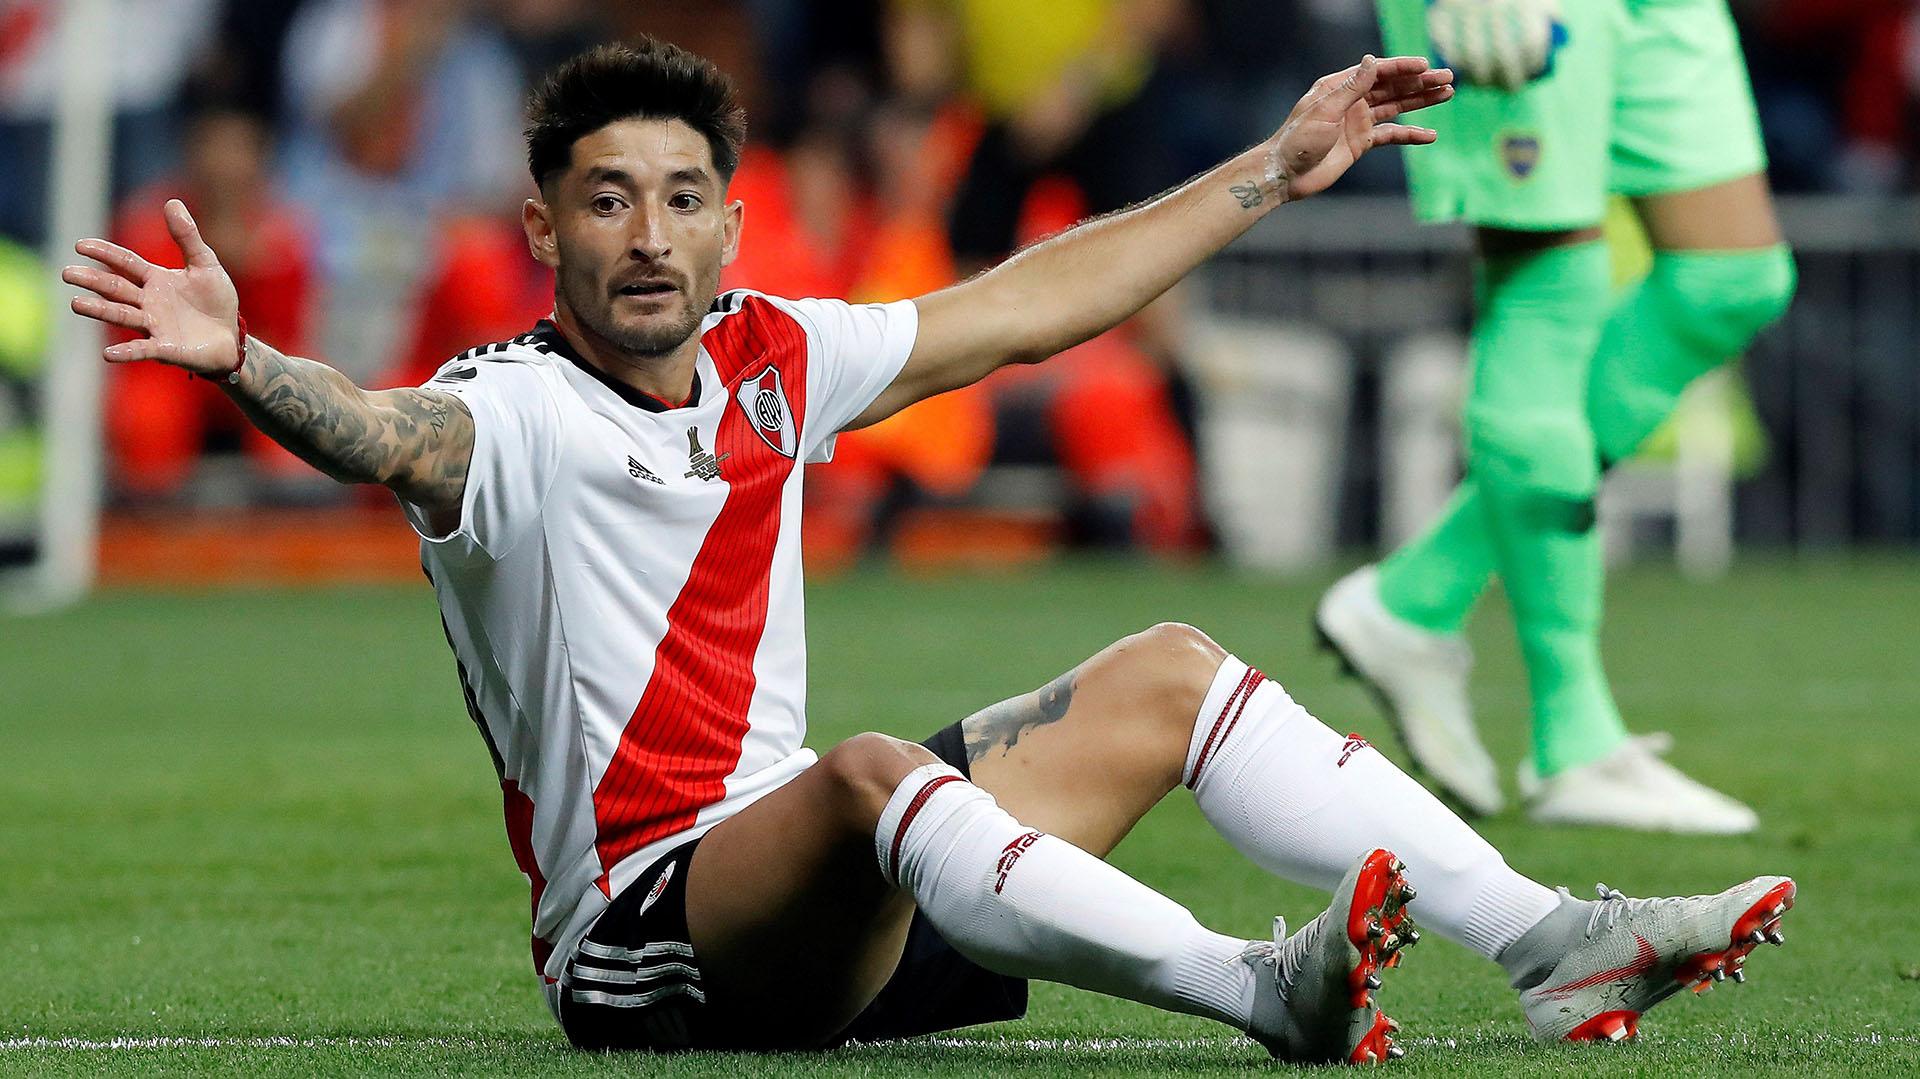 Casco recuperó su lugar ante la partida de Saracchi y volvió al nivel que tuvo en Newell's (Foto: EFE/Juan Carlos Hidalgo)